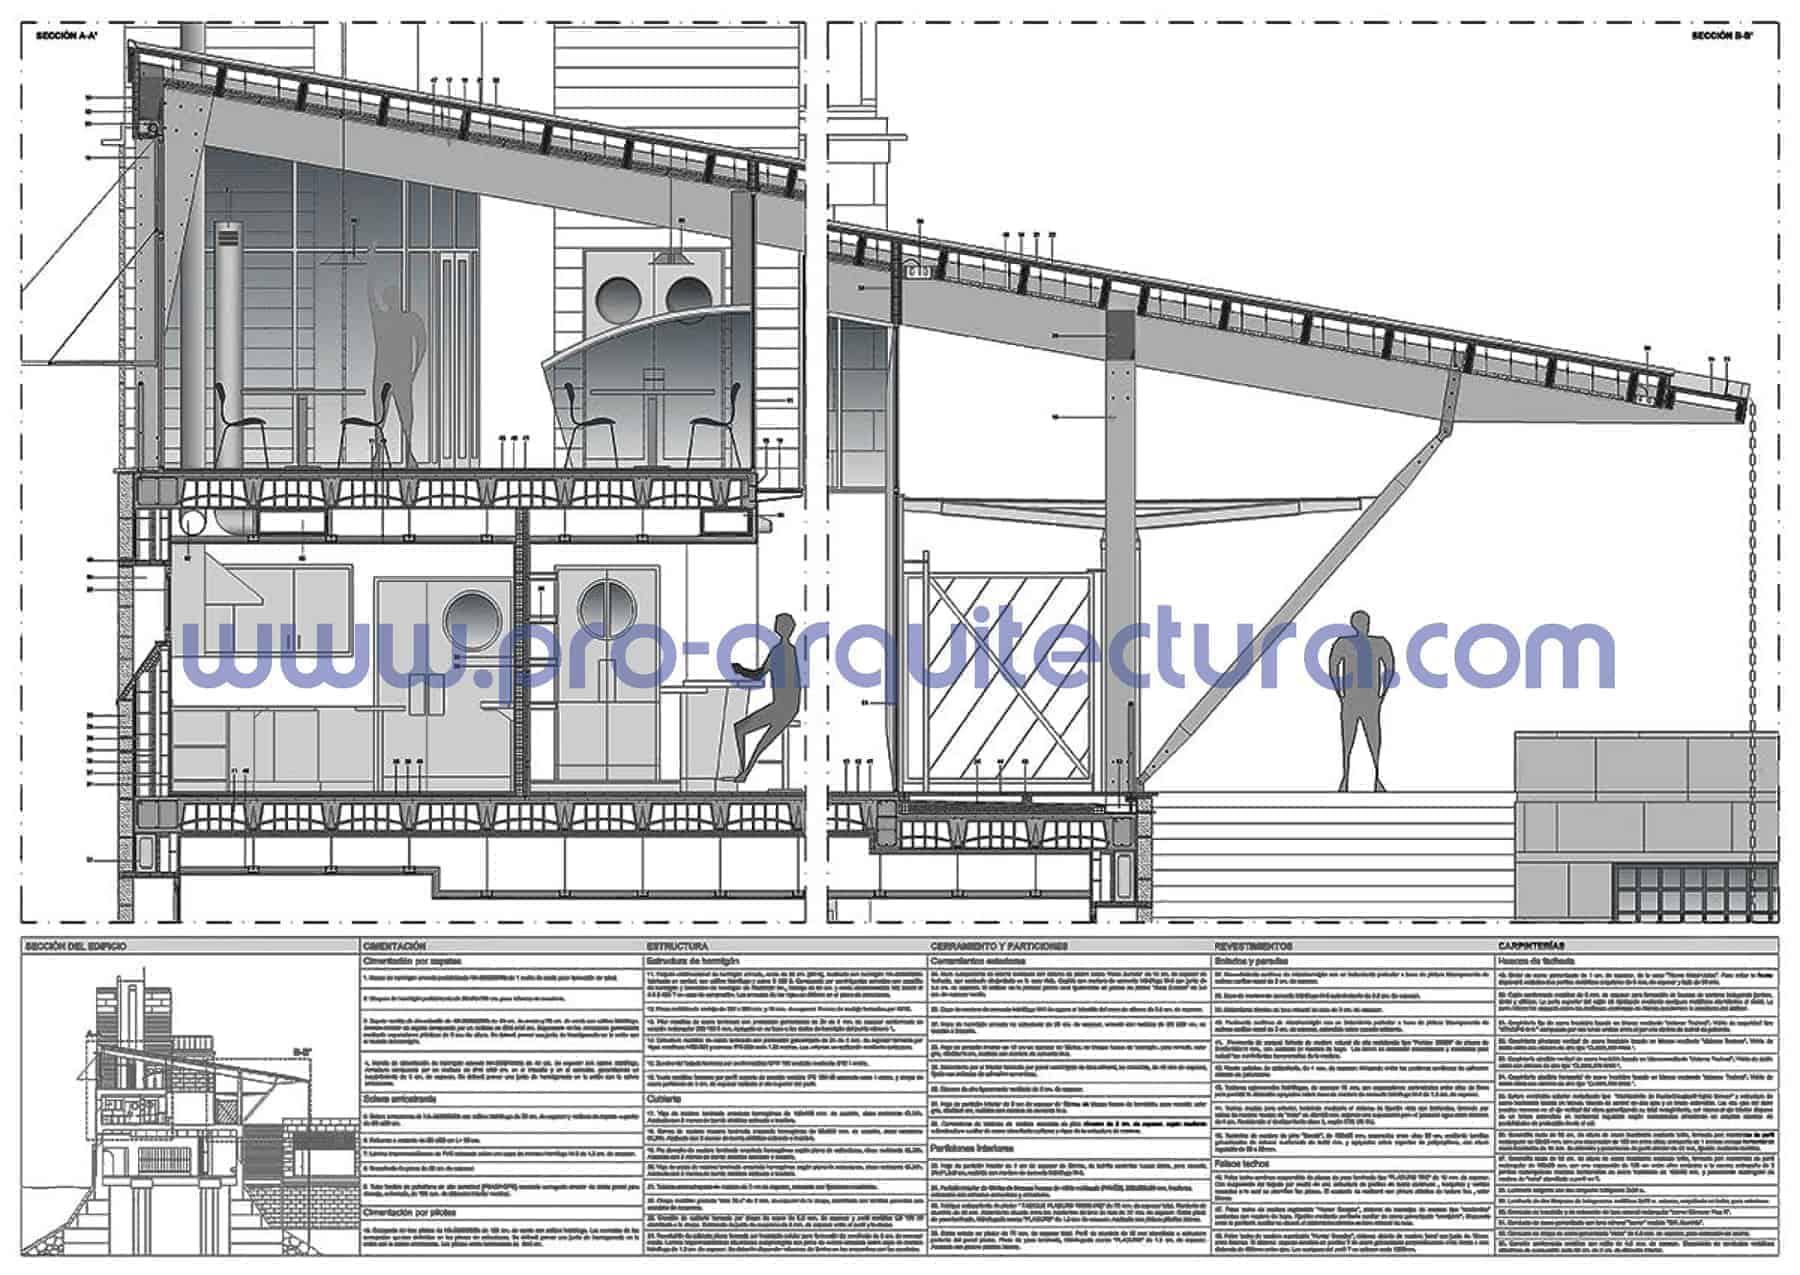 0024-03 Club náutico - Sección y detalles constructivos - Ayuda con la entrega del pfc pfg tfg tfm de arquitectura.